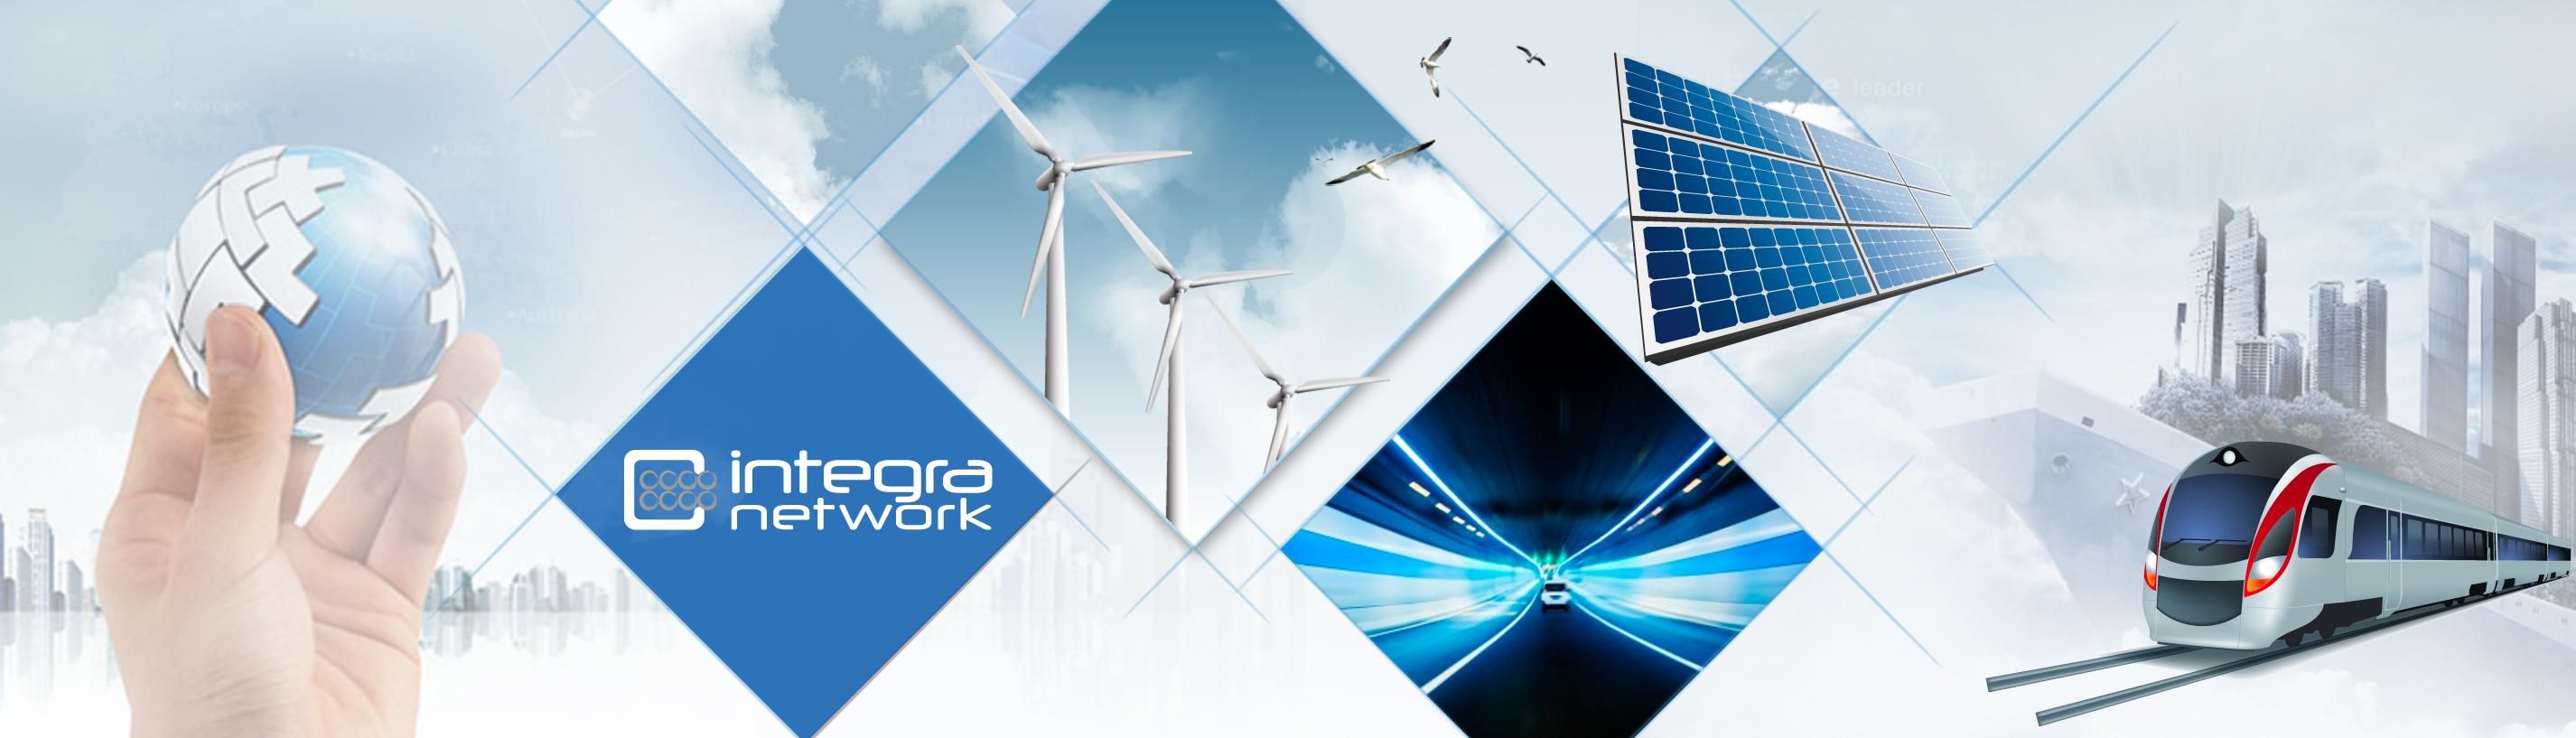 Soluciones de equipamiento de informática industrial. Integra Network.